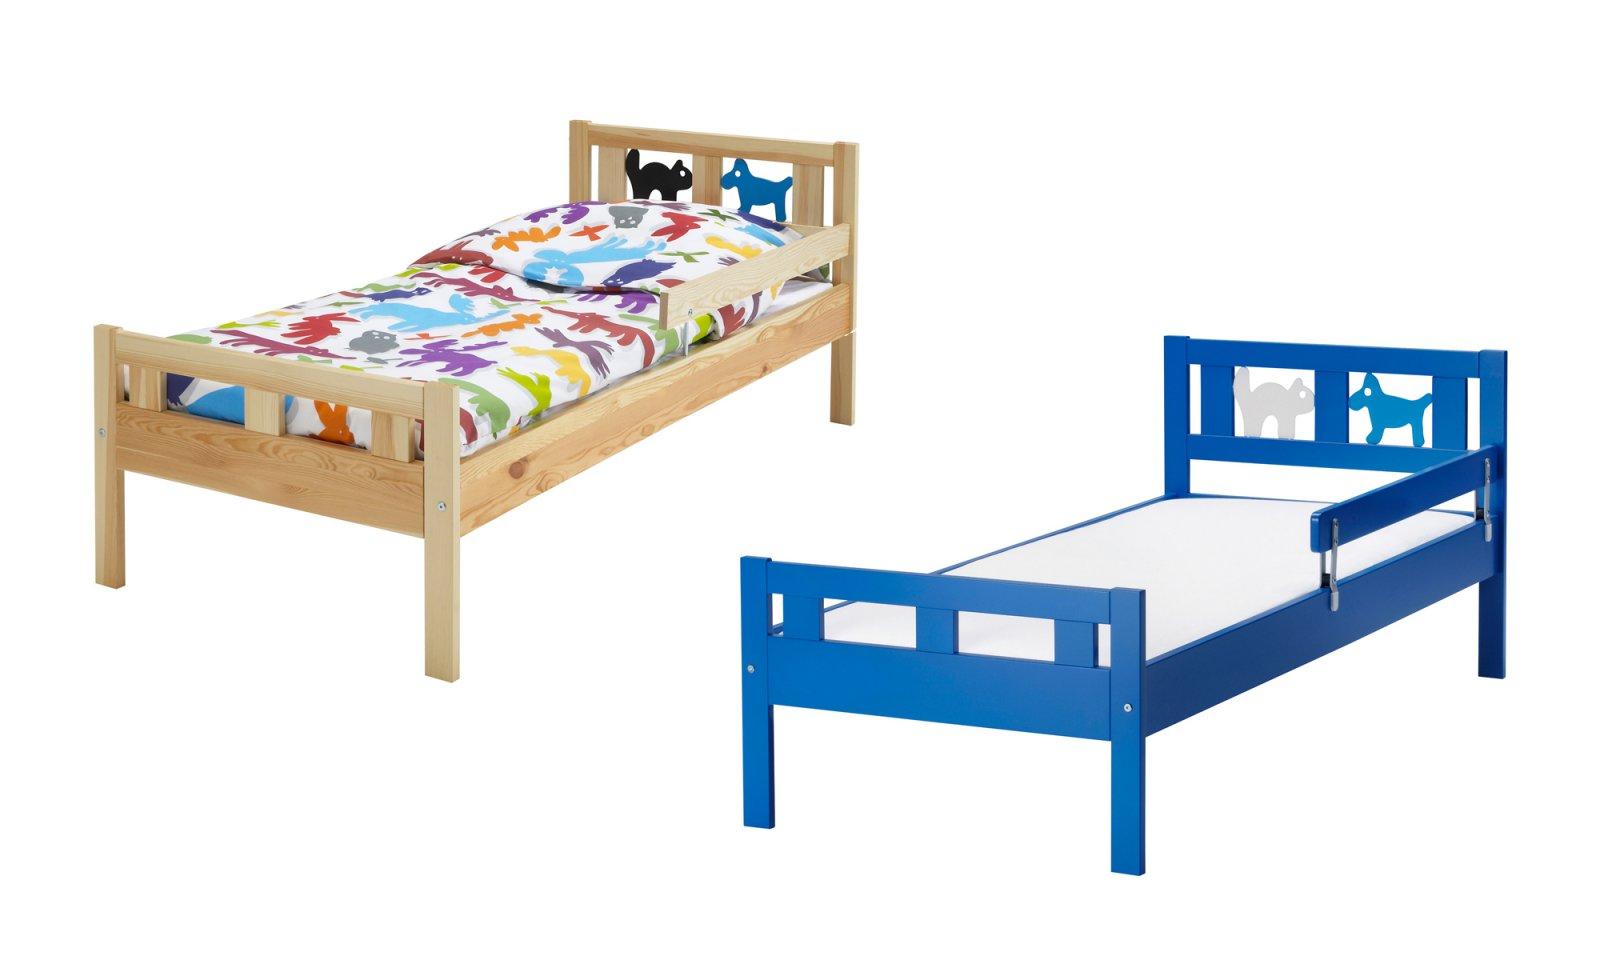 Mobiliario para ni os kritter de ikea decoraci n del hogar for Cama nino ikea